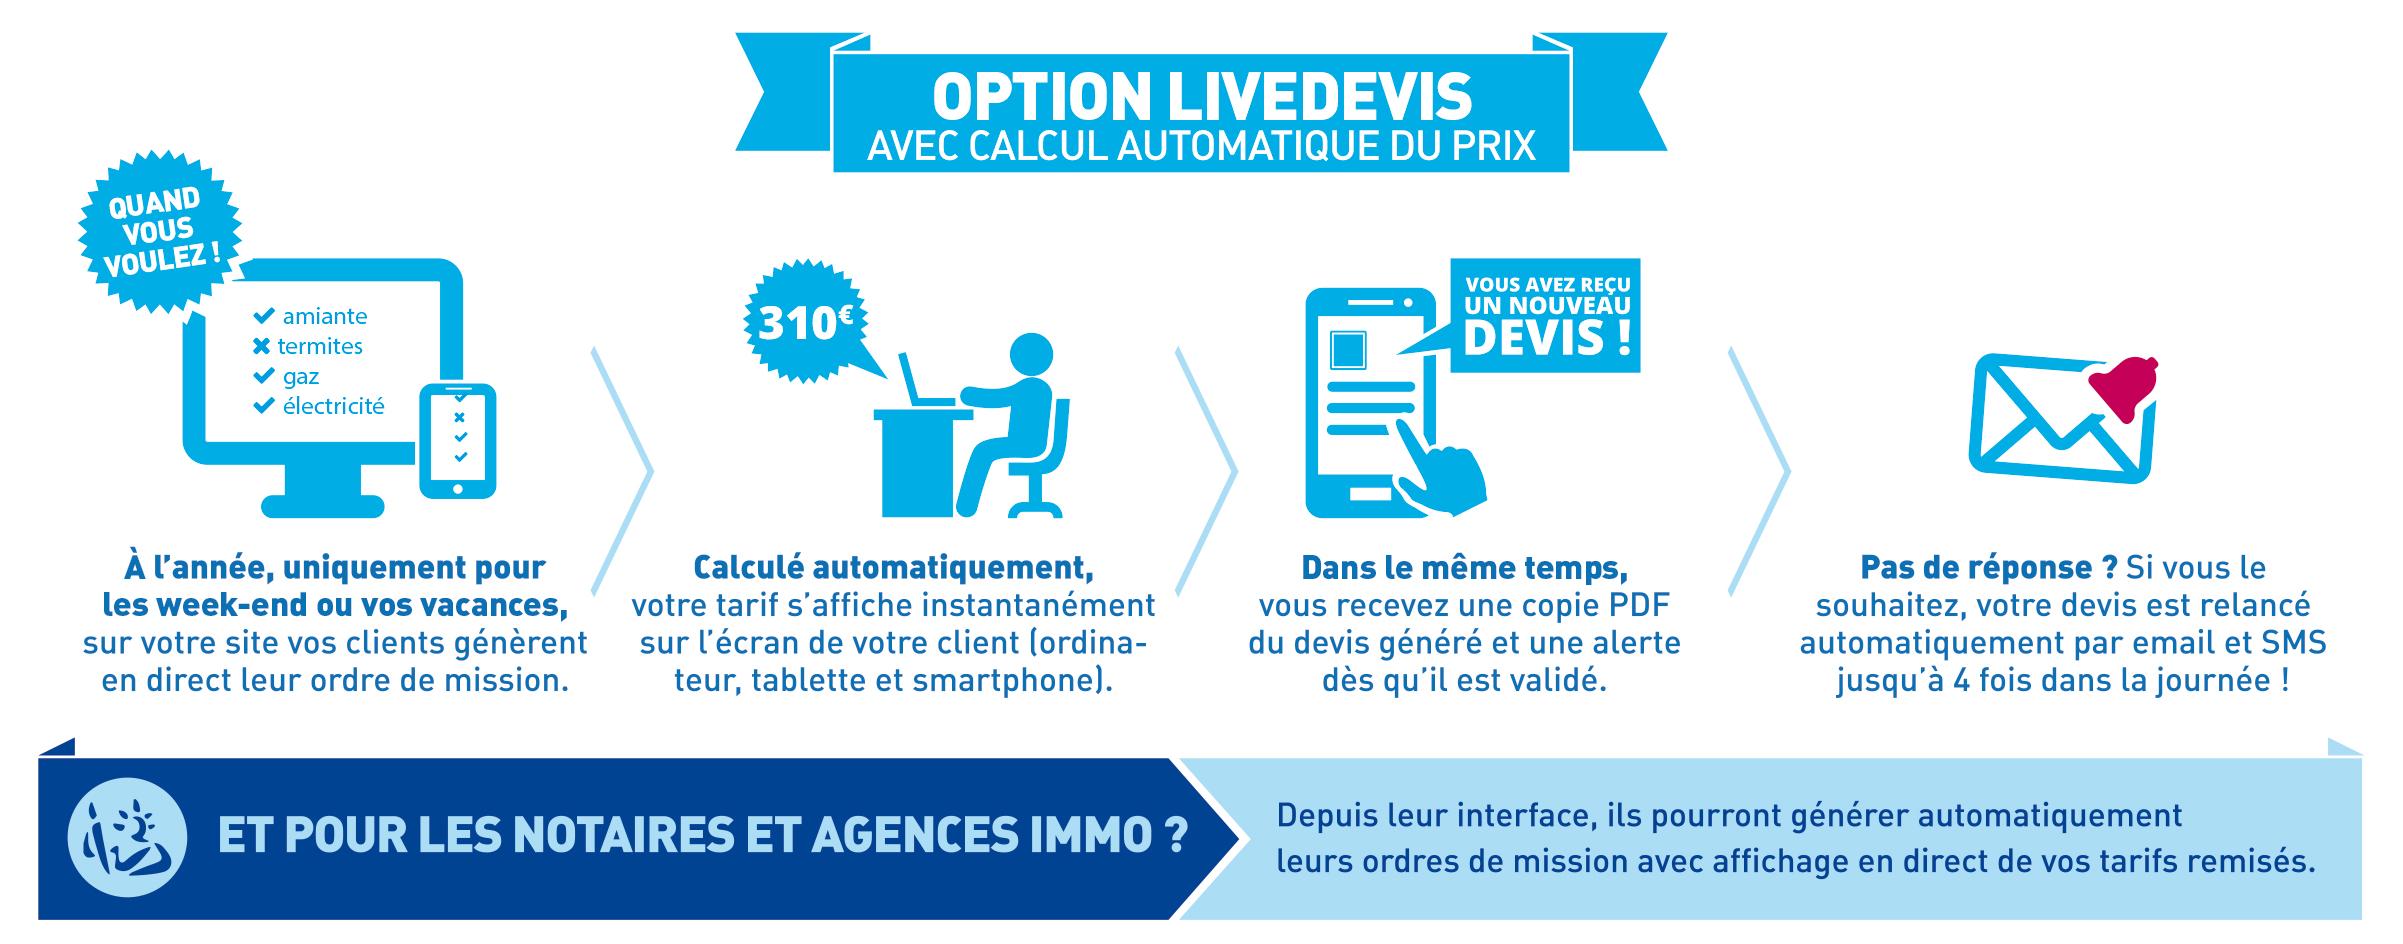 Option Live Devis